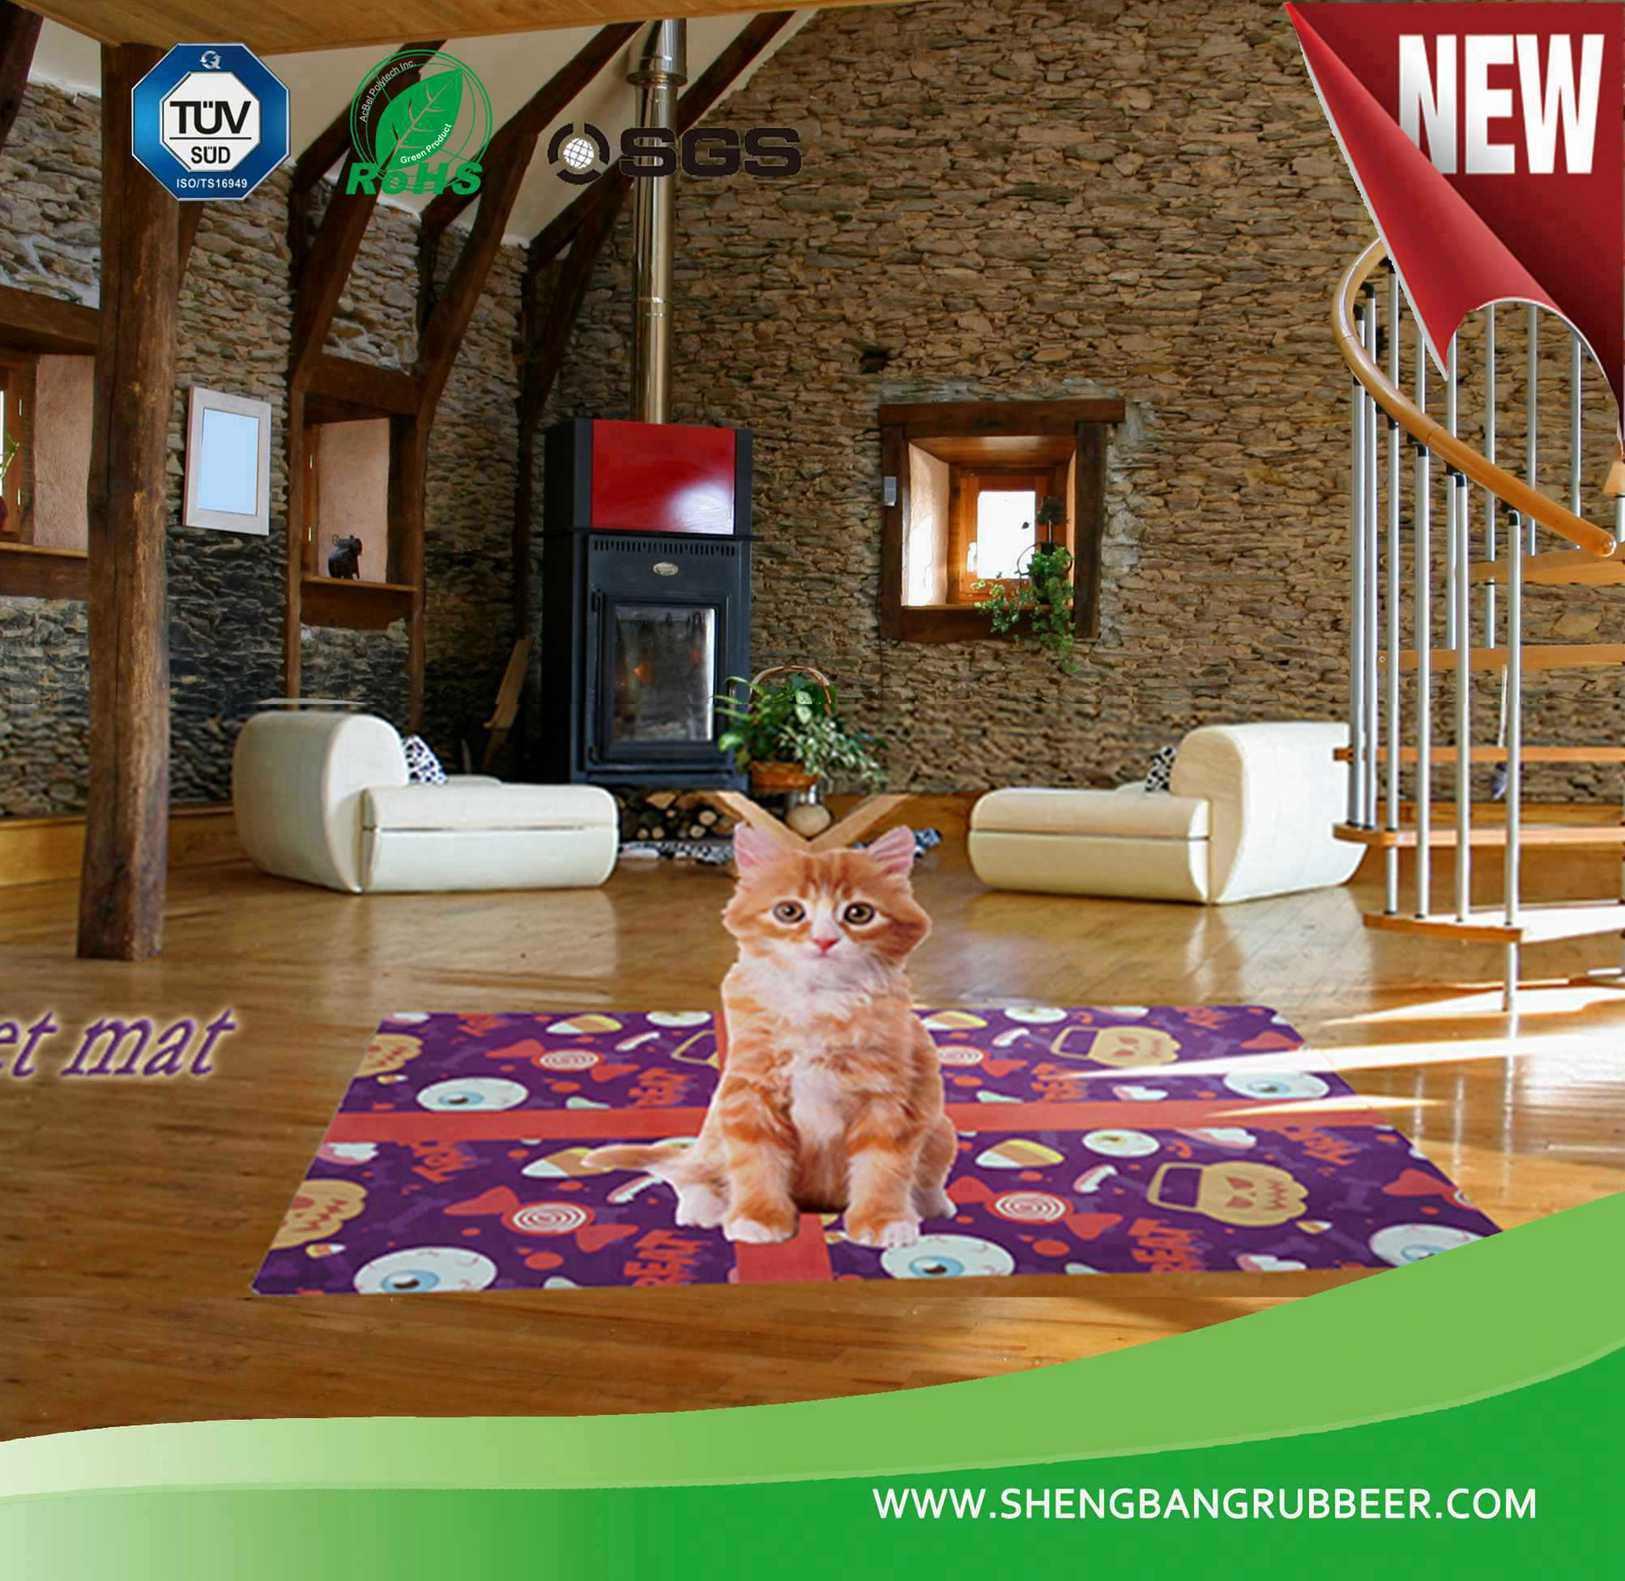 New Fashion Rubber Floor Mat Pet Mat Playing Mat Door Carpet